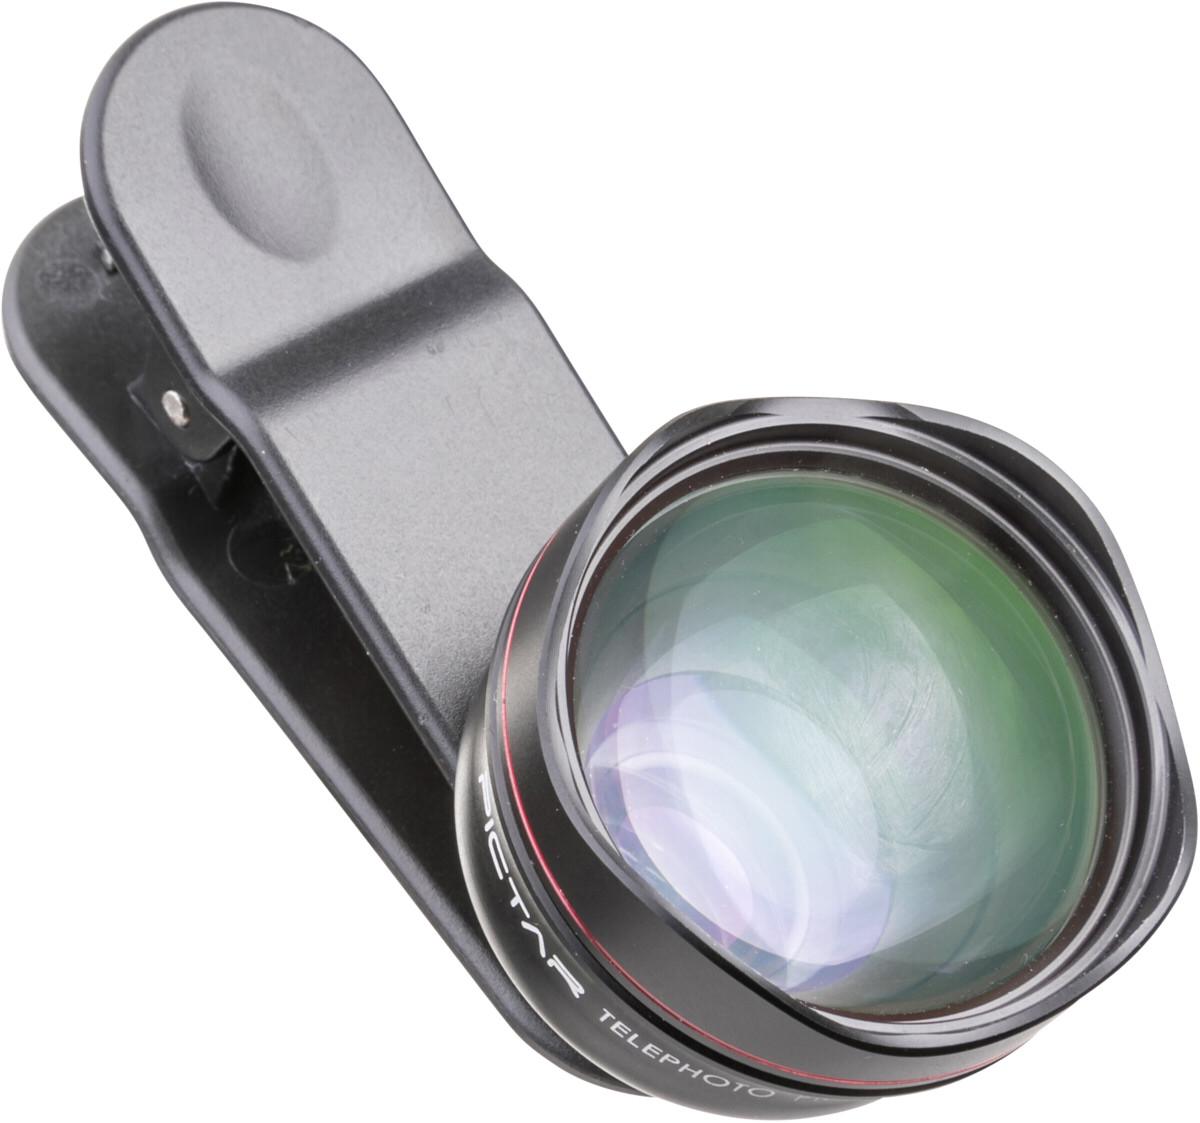 Image of miggö Pictar Smart Lens Tele 60mm